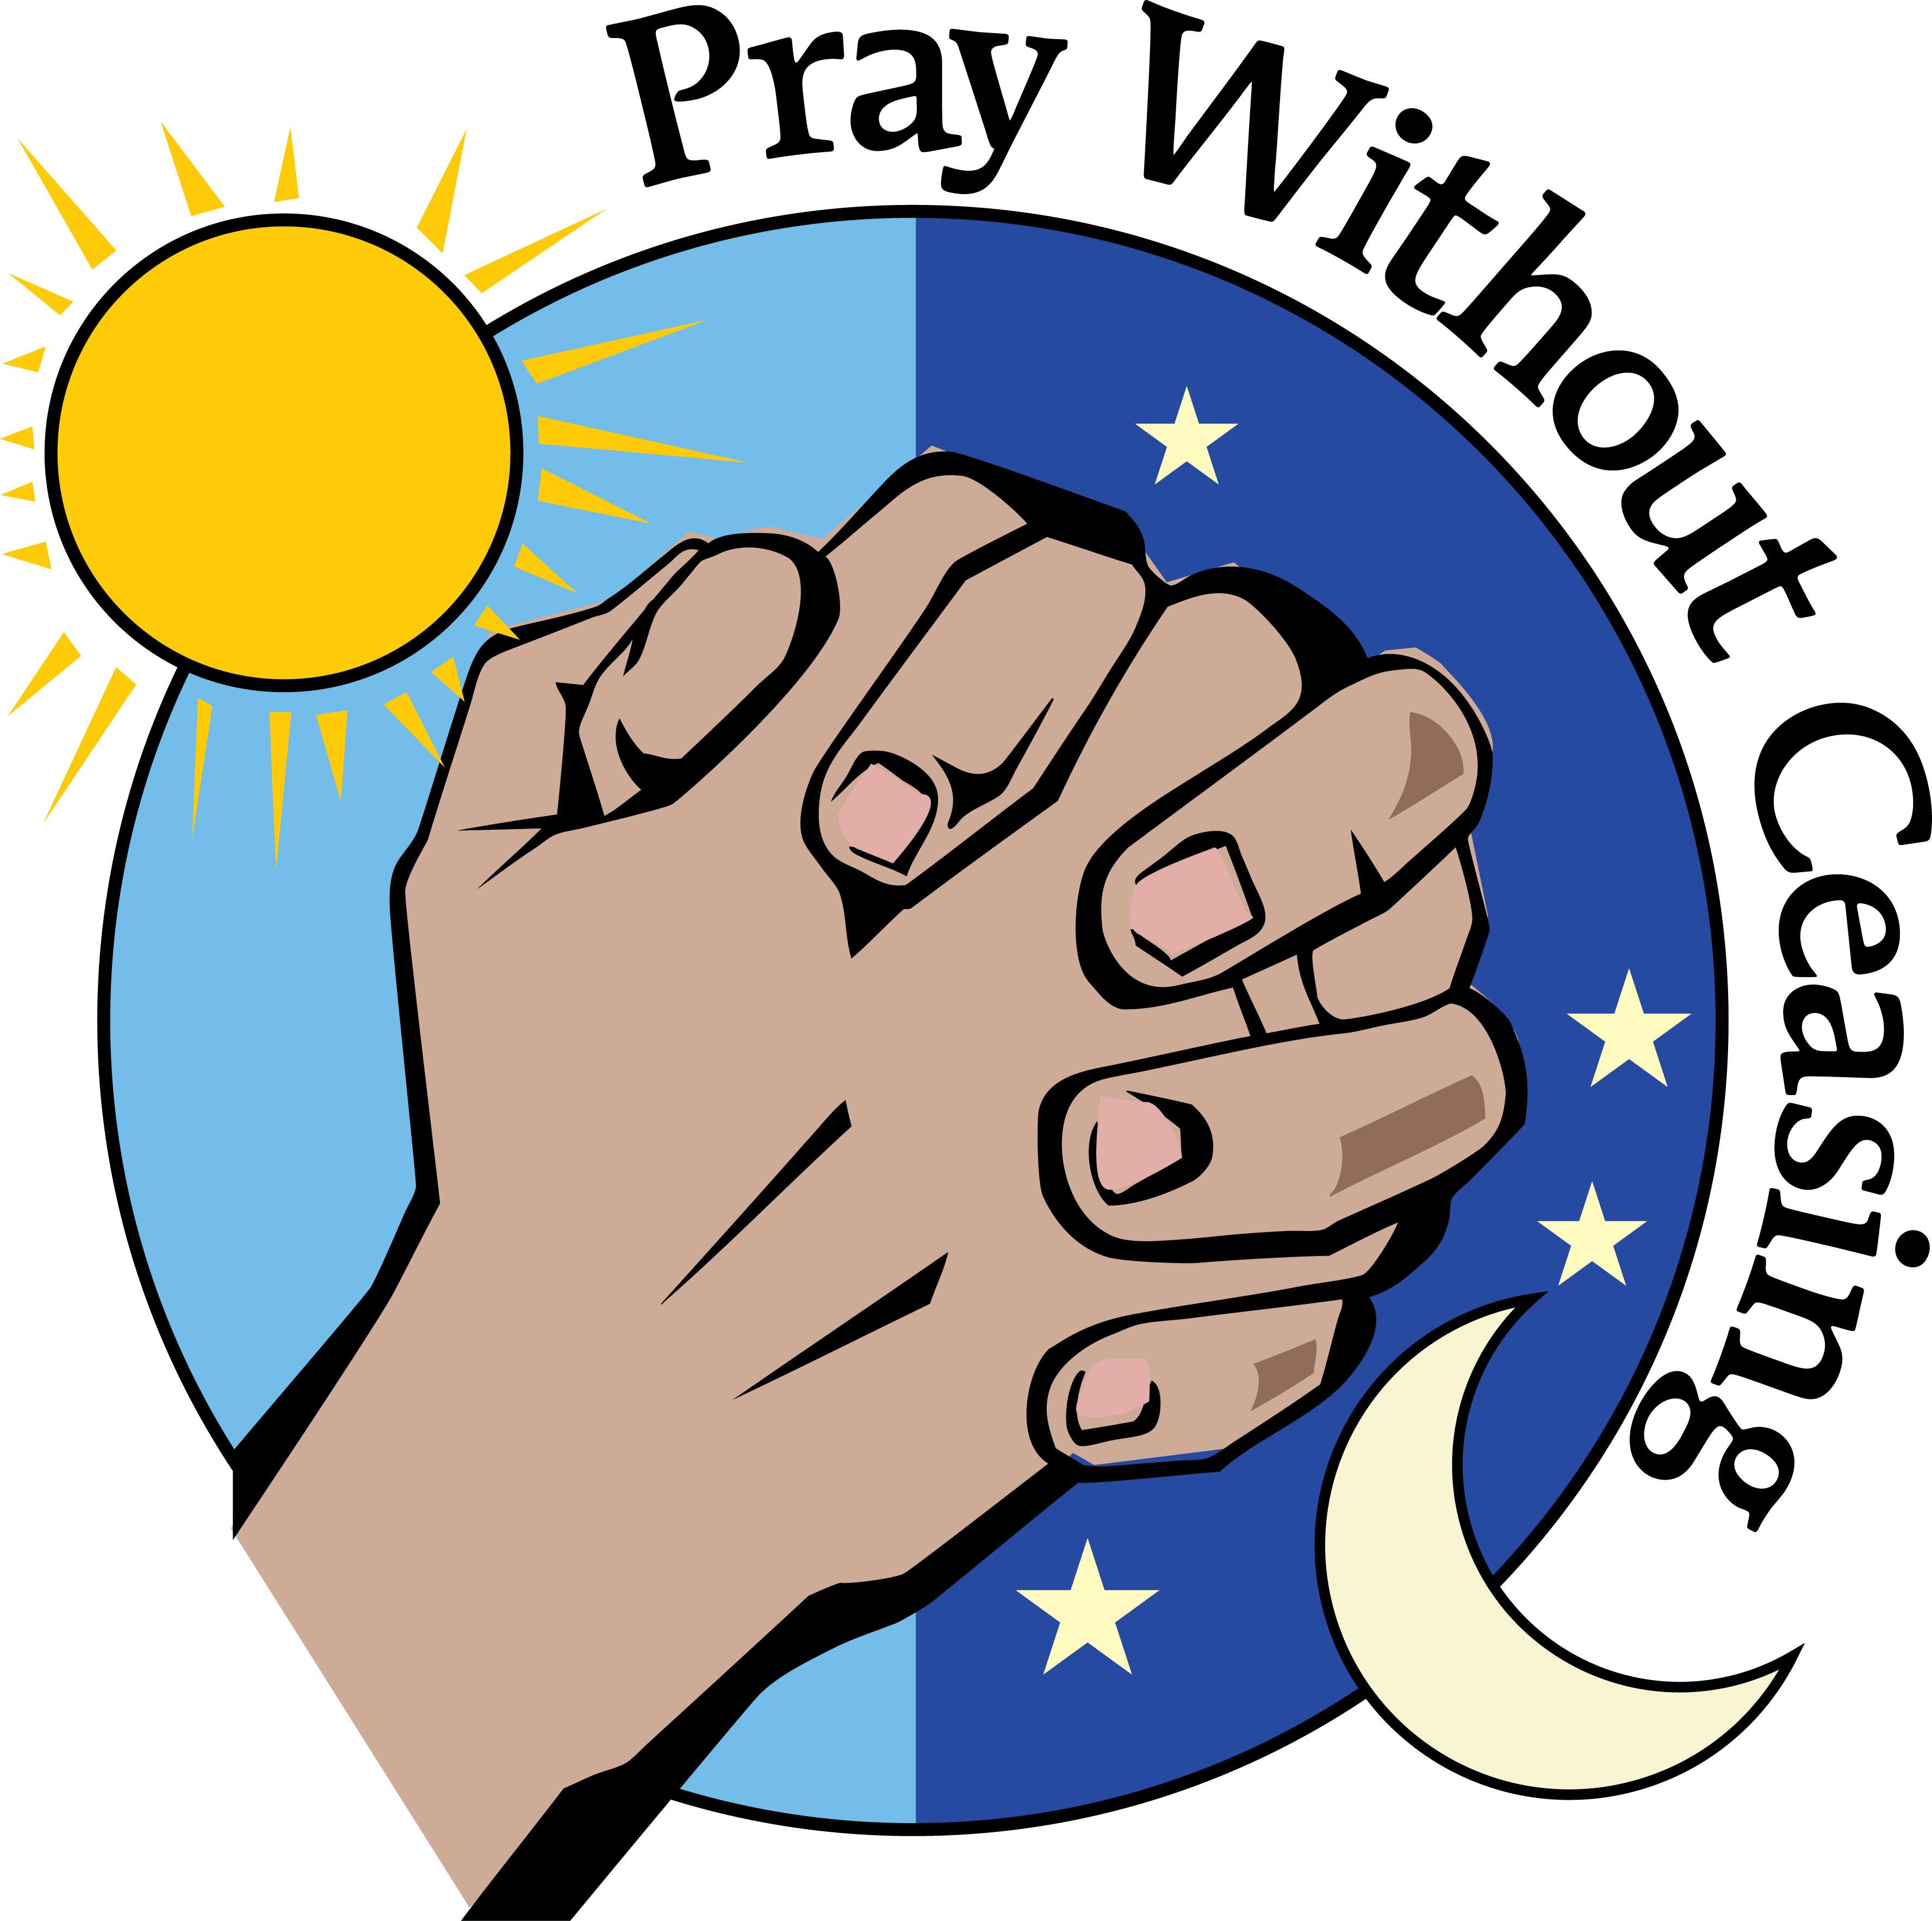 3553x3533 Evening Prayer Clipart